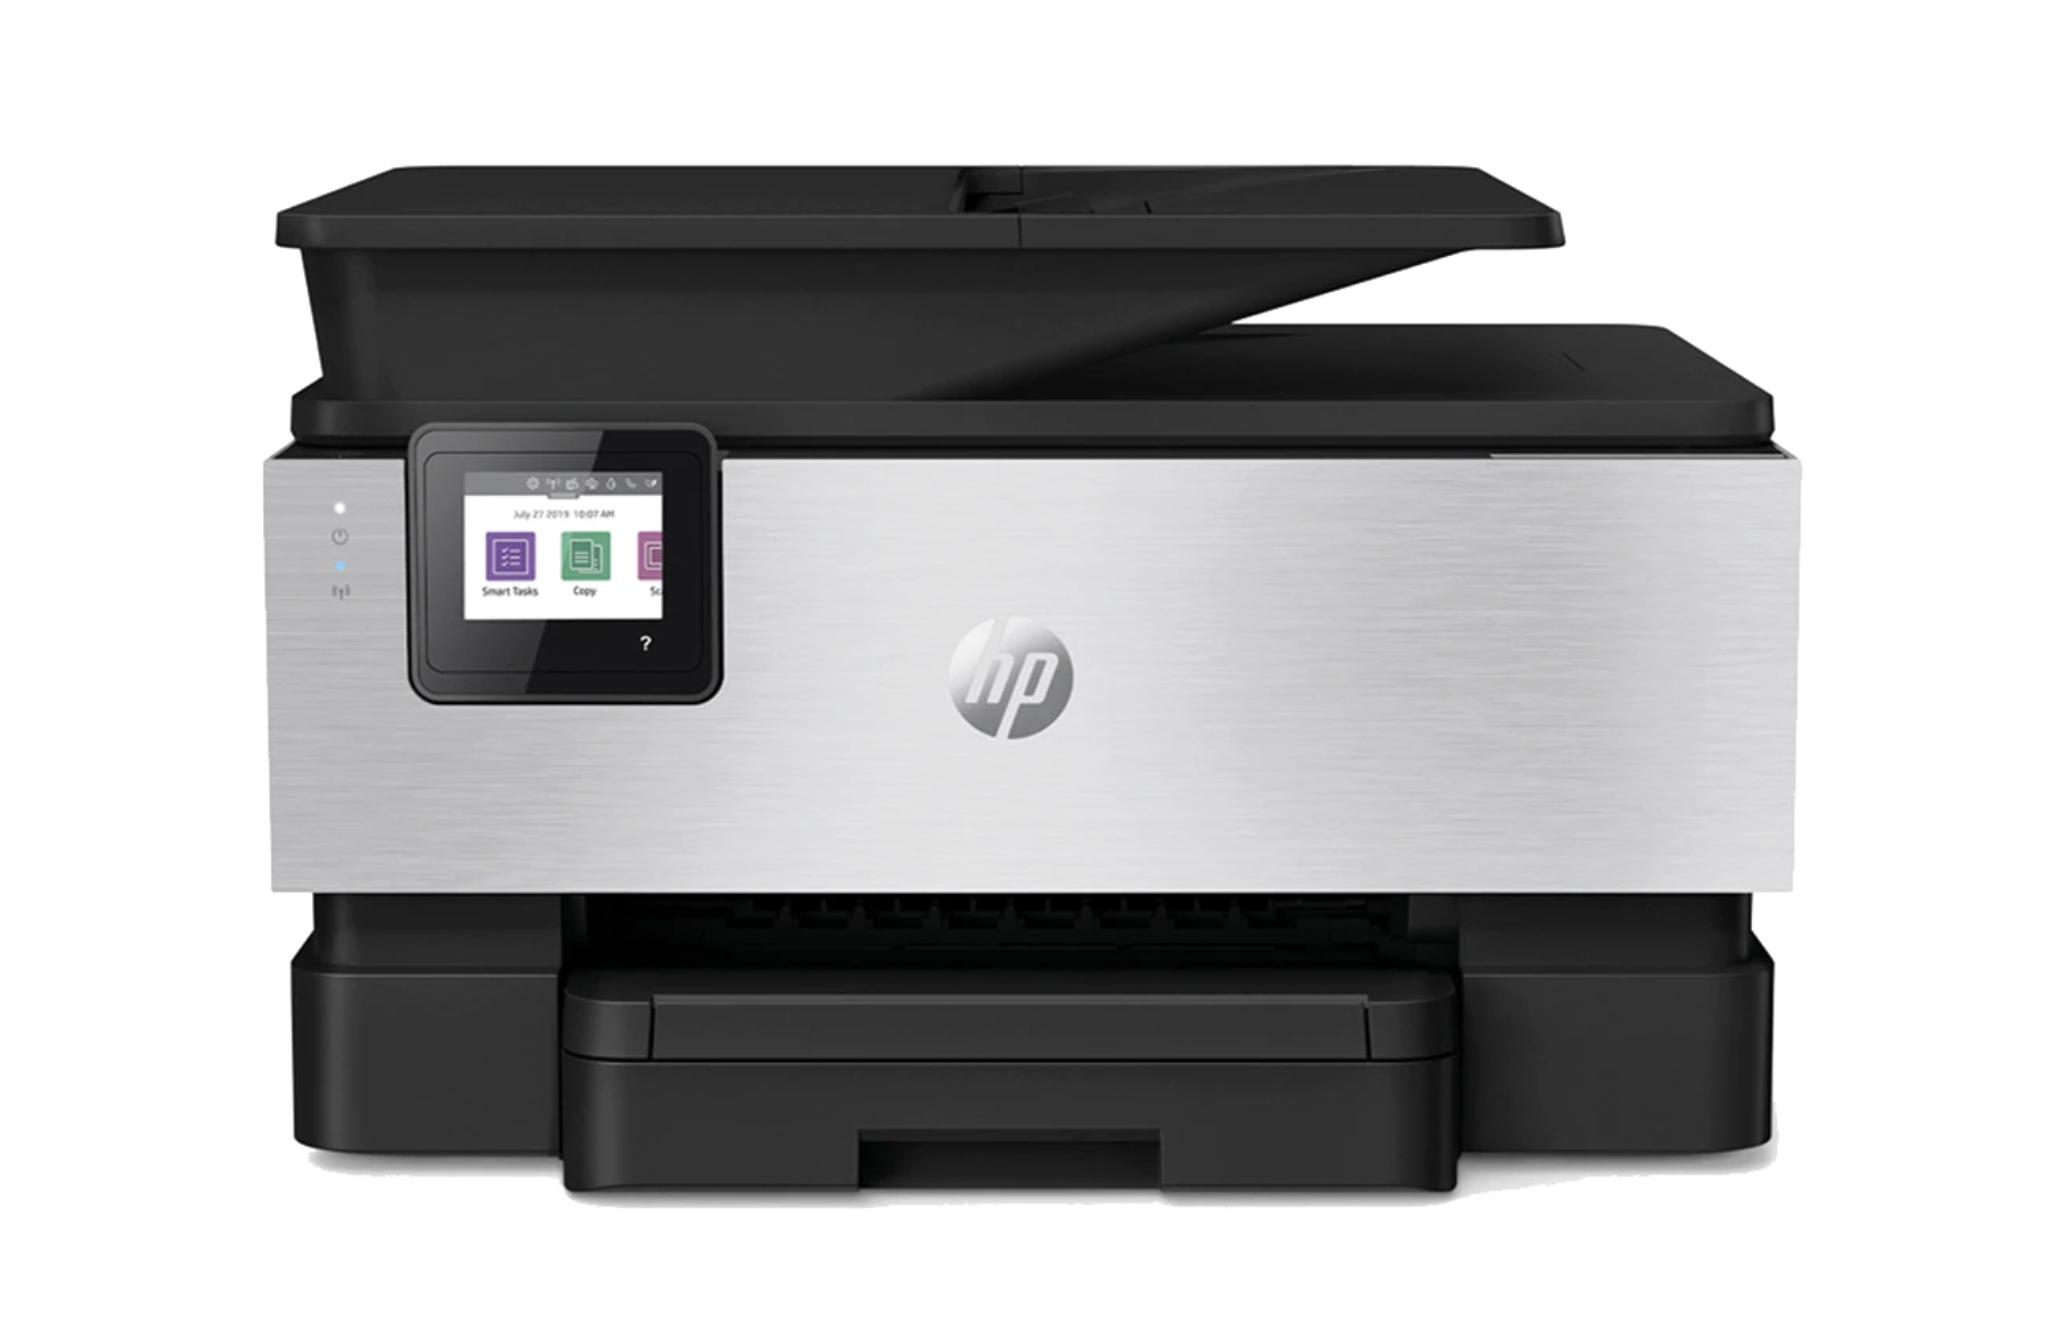 Impresora Multifunción Tinta HP OfficeJet Pro 9019, Wi-Fi, copia, escanea, envía fax, compatible con Instant Ink